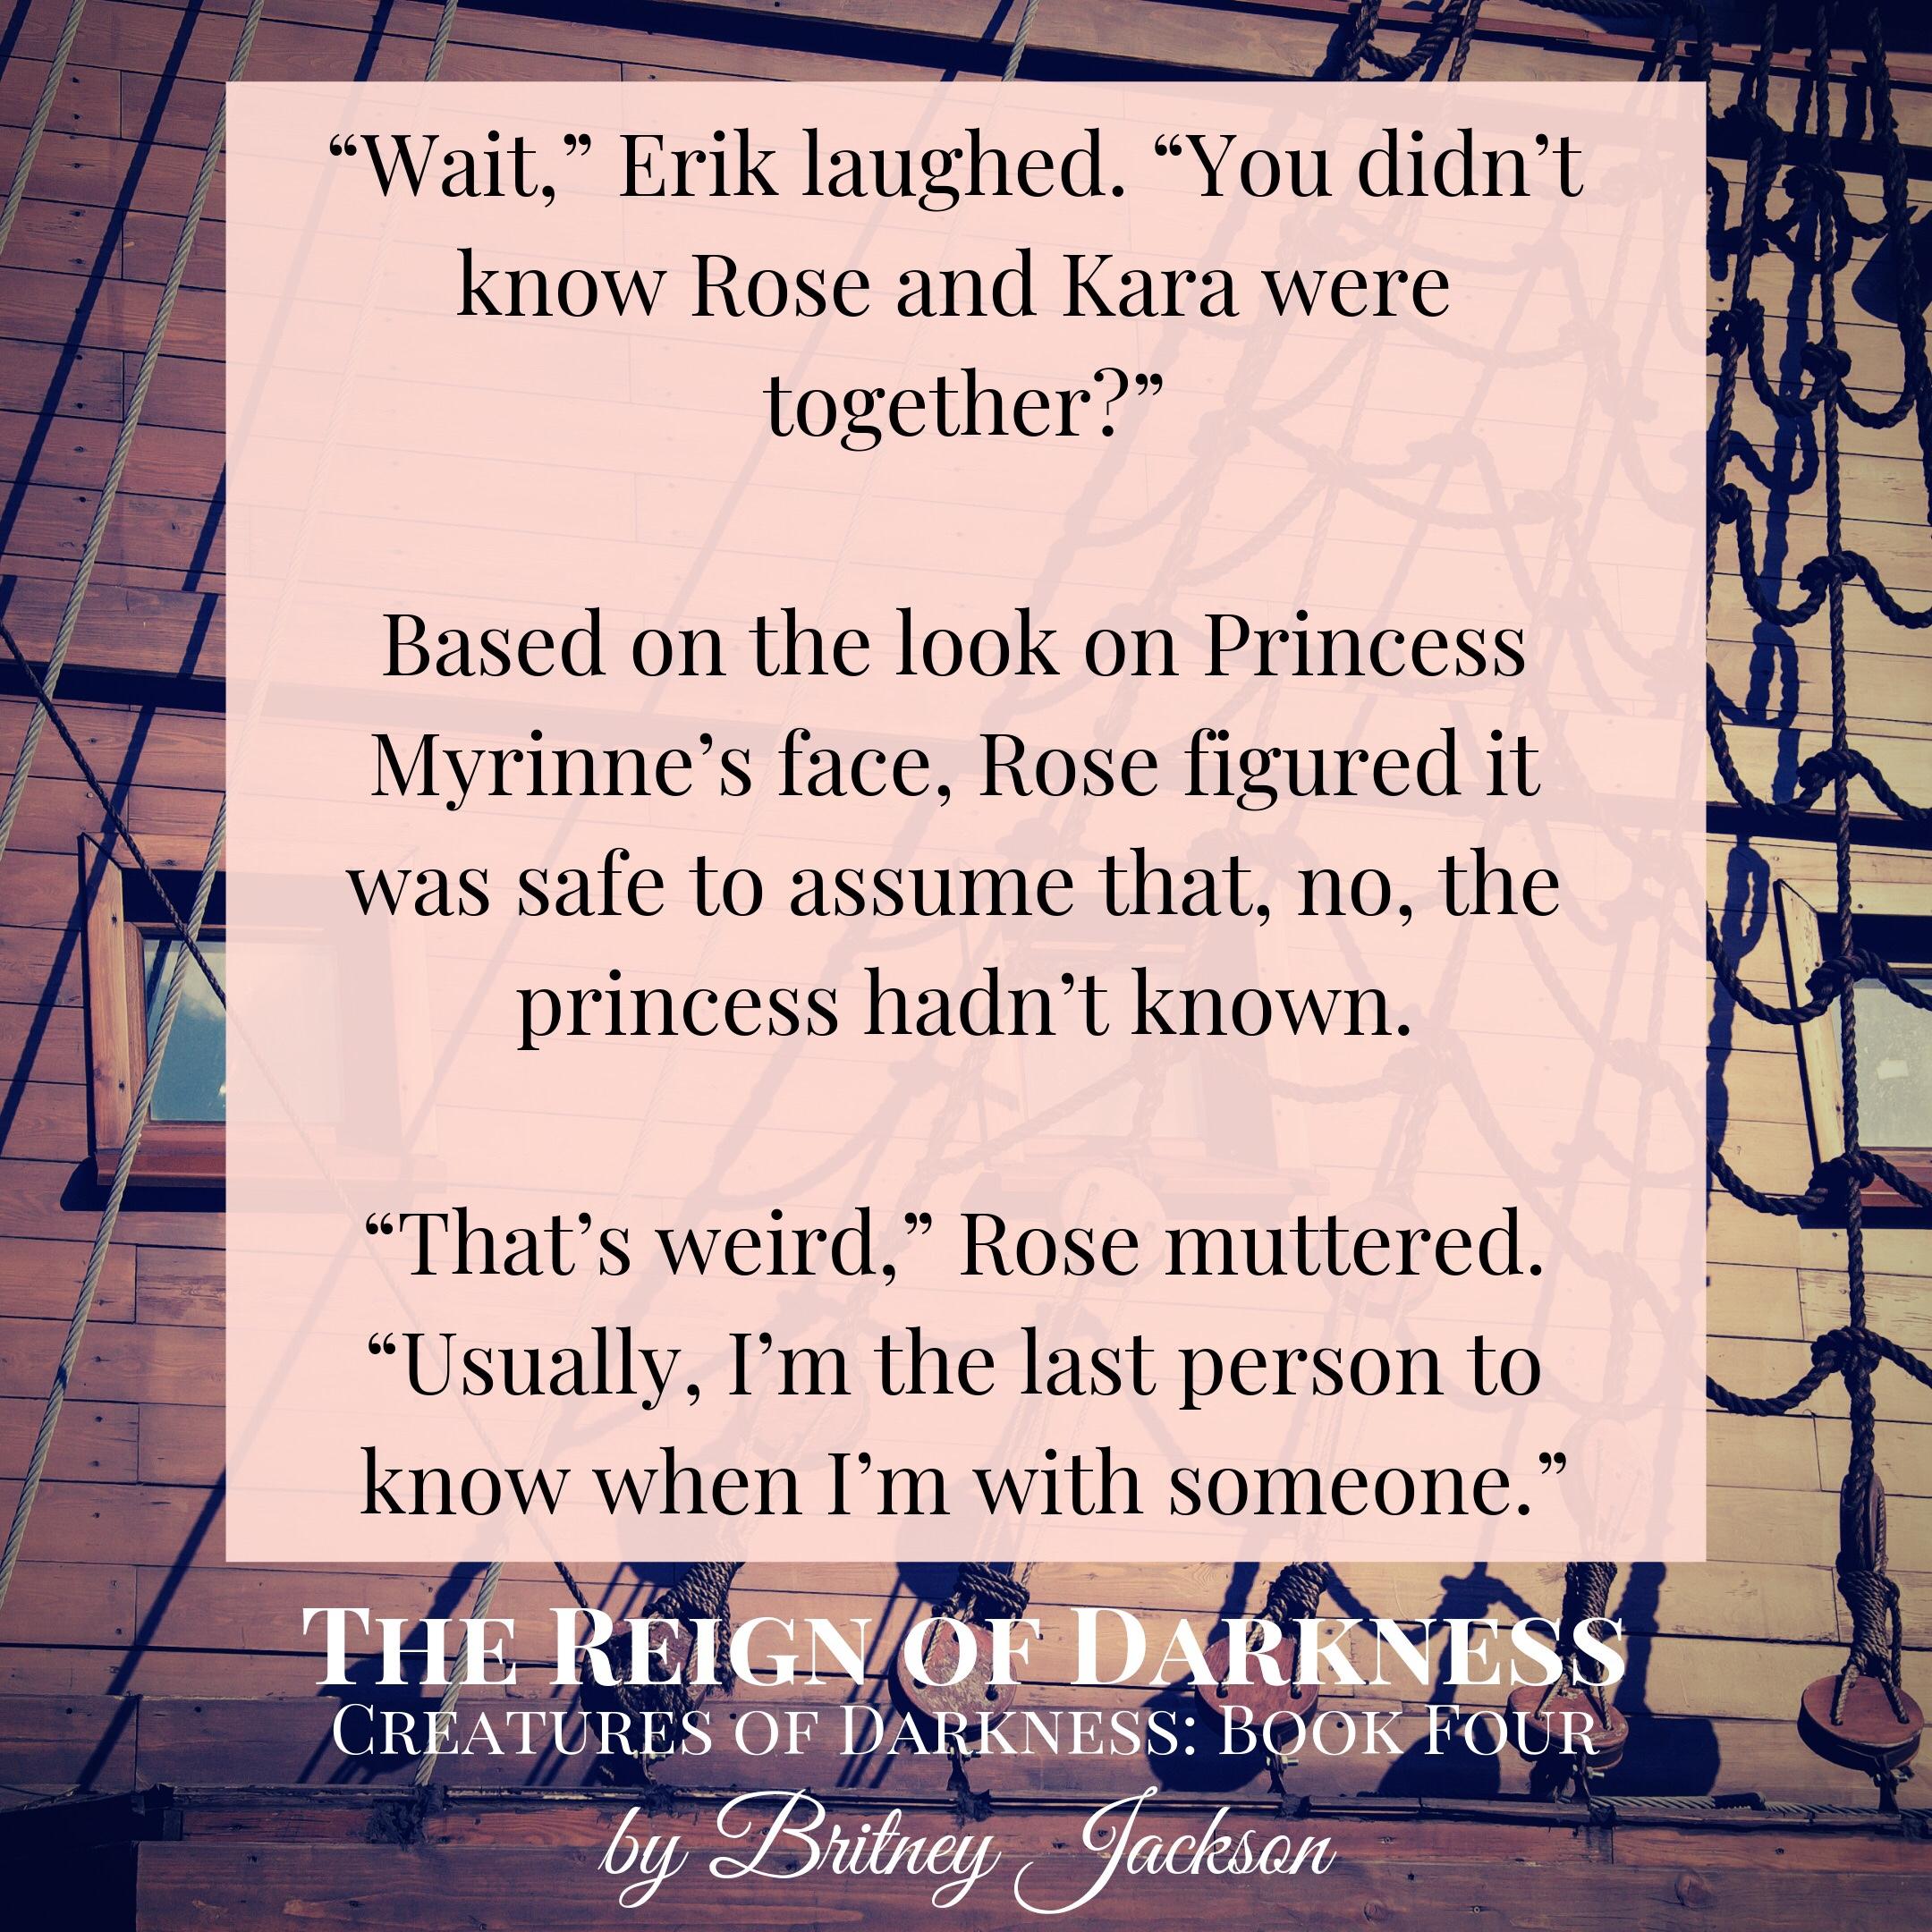 Teaser: Princess Myrinne